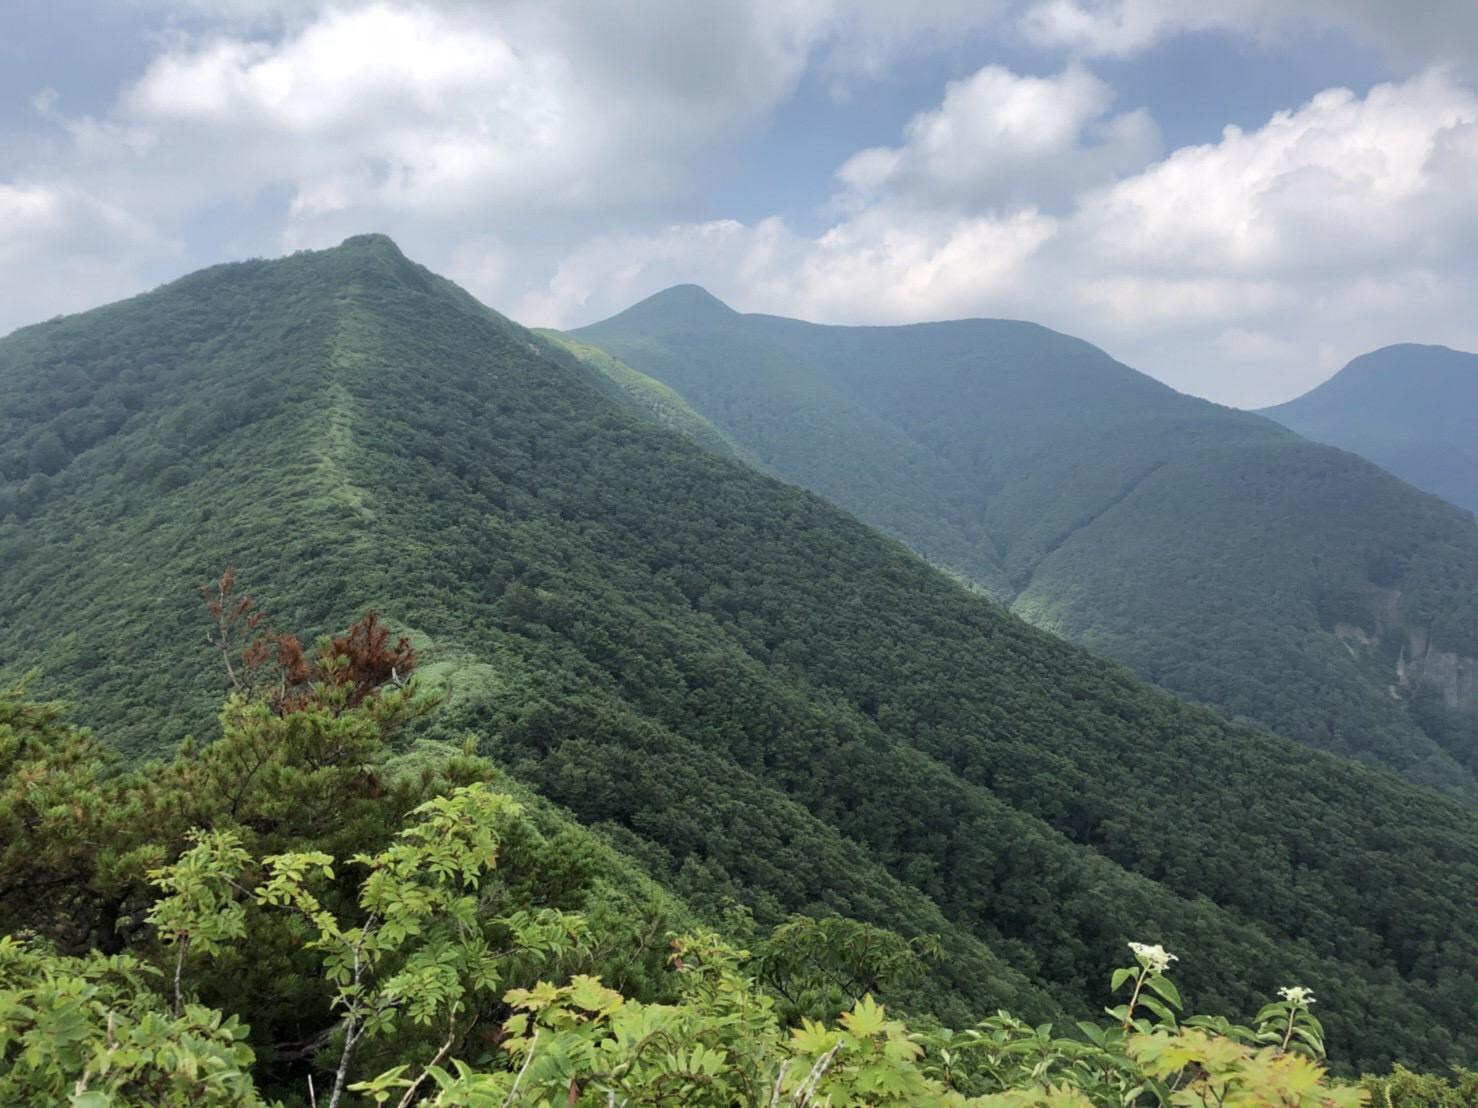 山形神室岳 山形百名山 トンガリ山